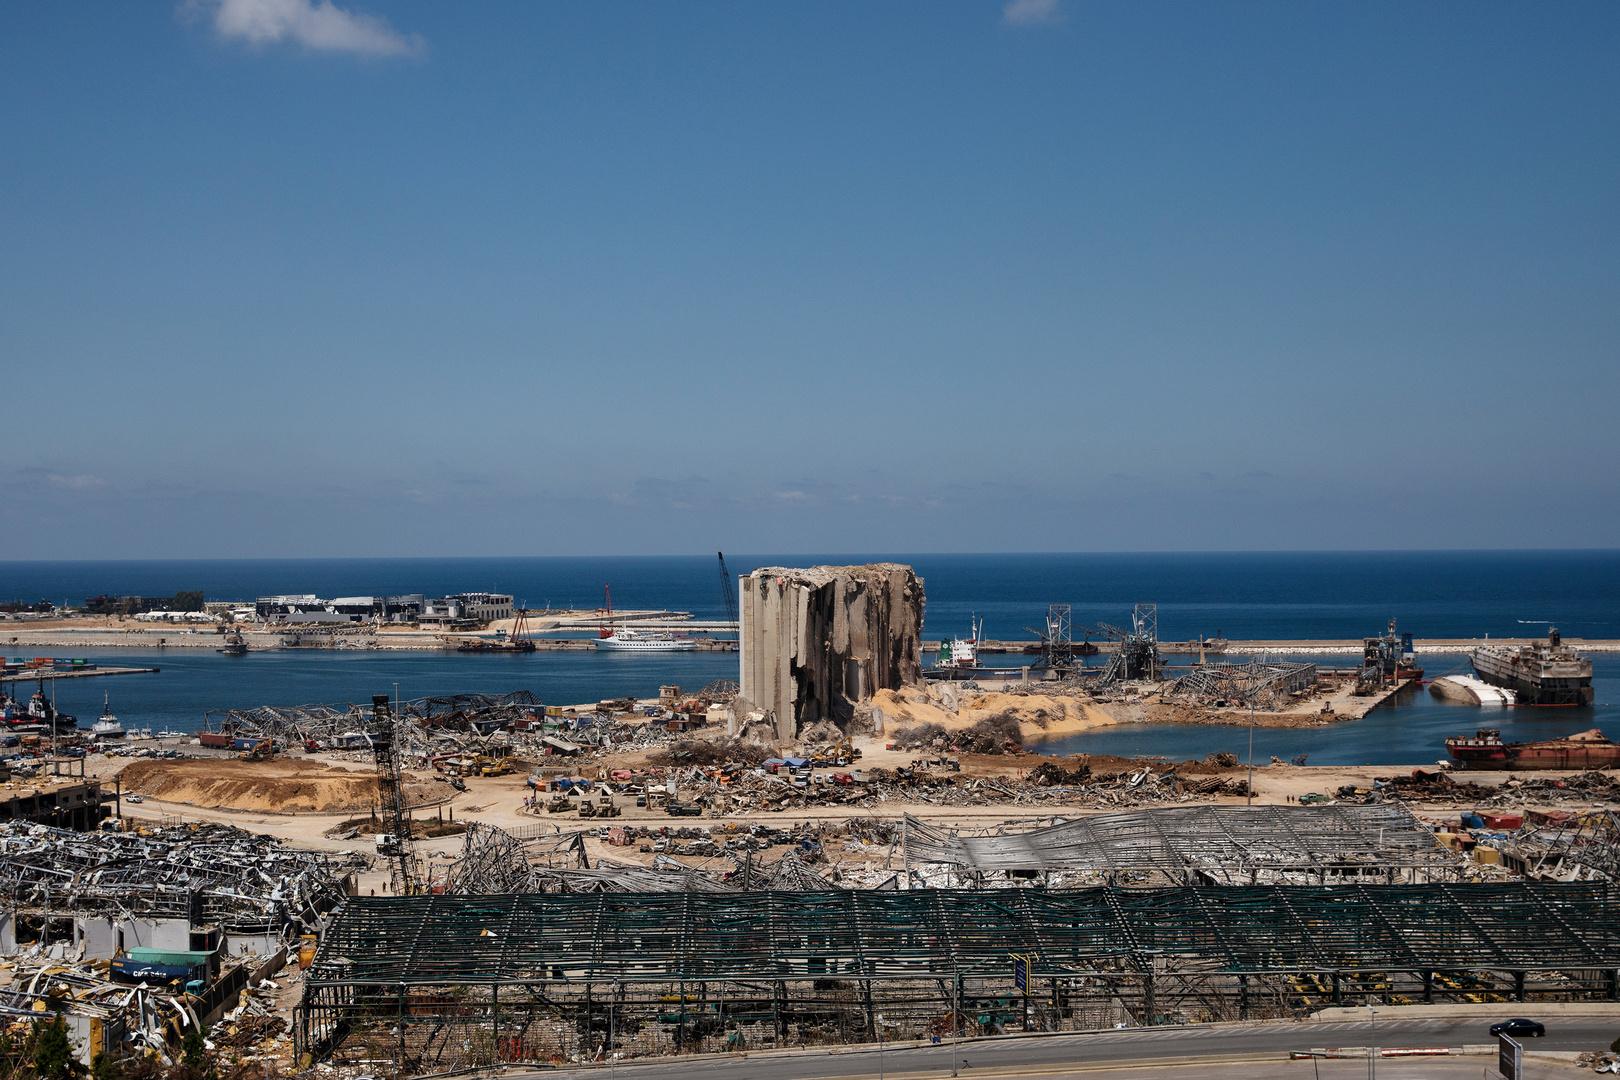 لبنان يطلب من الانتربول اعتقال قبطان ومالك السفينة التي نقلت نترات الأمونيوم لمرفأ بيروت